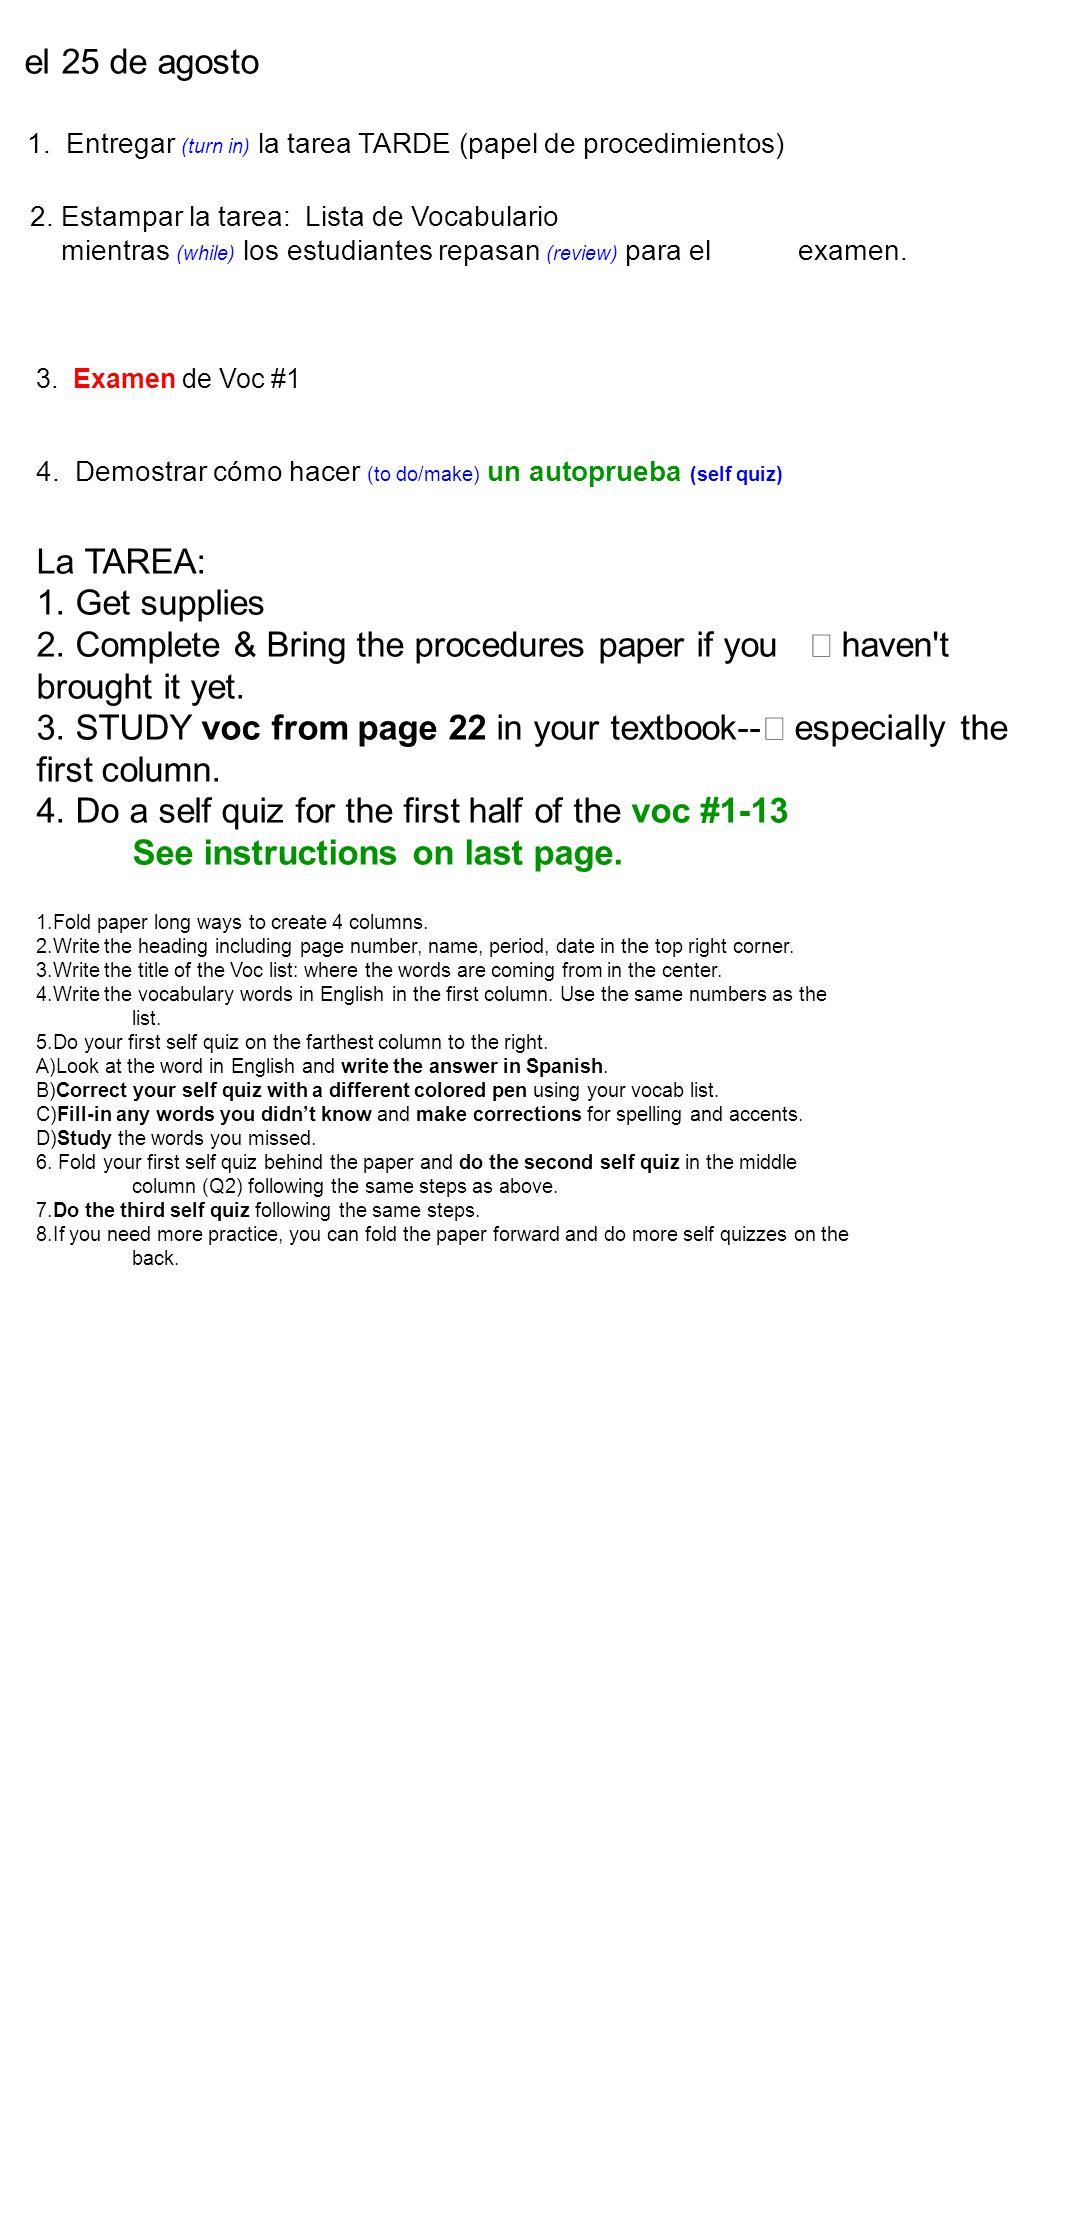 el 25 de agosto 1. Entregar (turn in) la tarea TARDE (papel de procedimientos) La TAREA: 1.